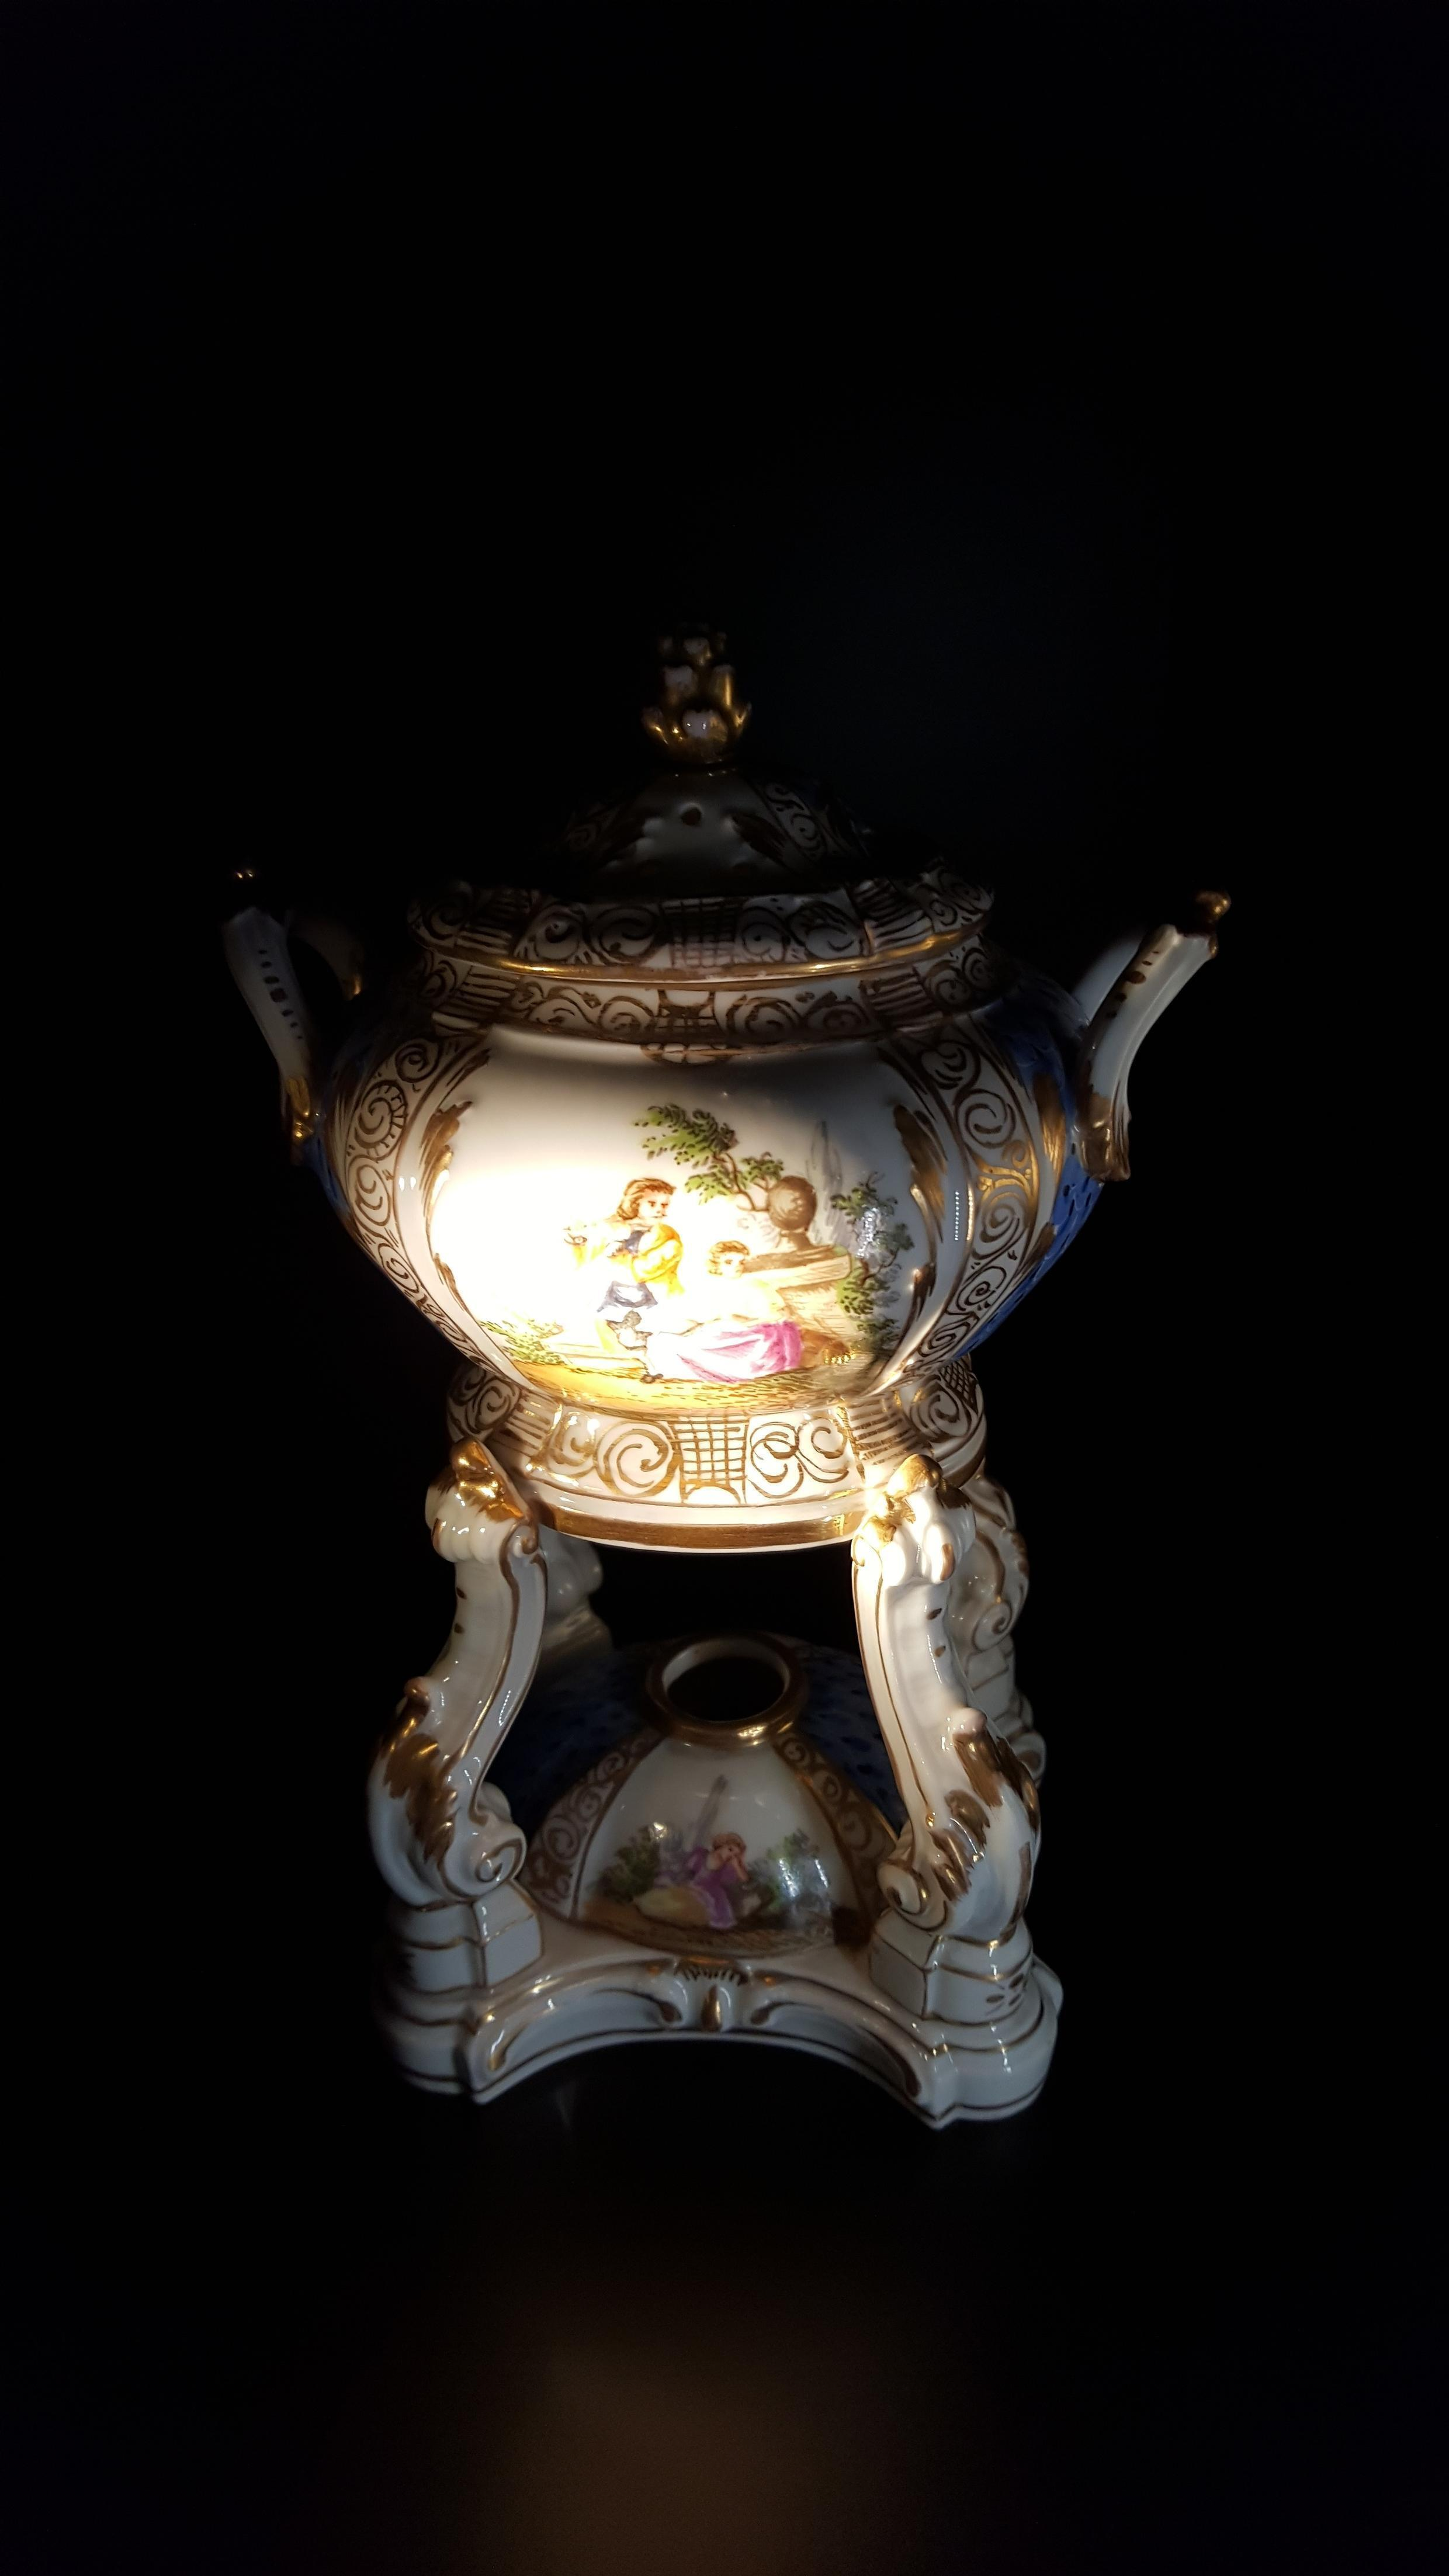 Bình đốt nhang thơm bằng sứ được phát hiện tại Đức khoảng vào năm 1770